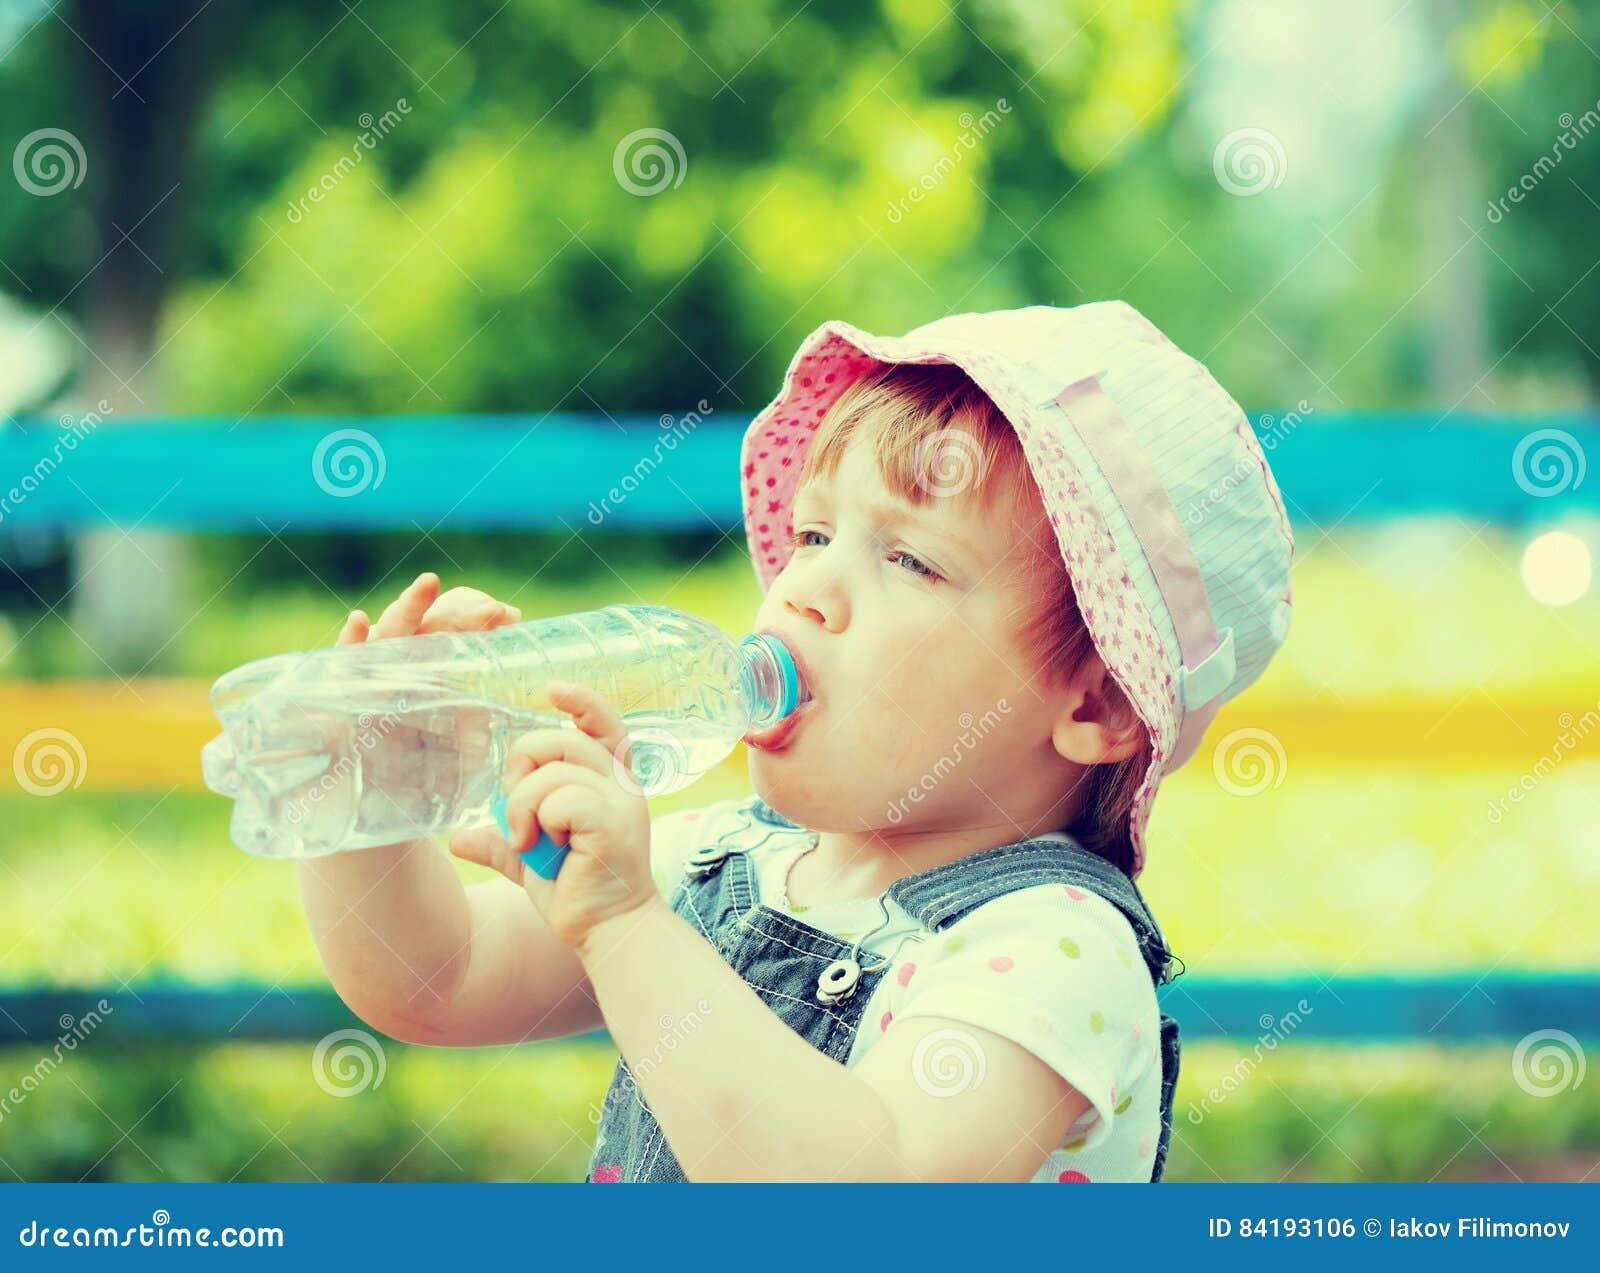 Zweijährige Kindergetränke Von Der Plastikflasche Stockfoto - Bild ...